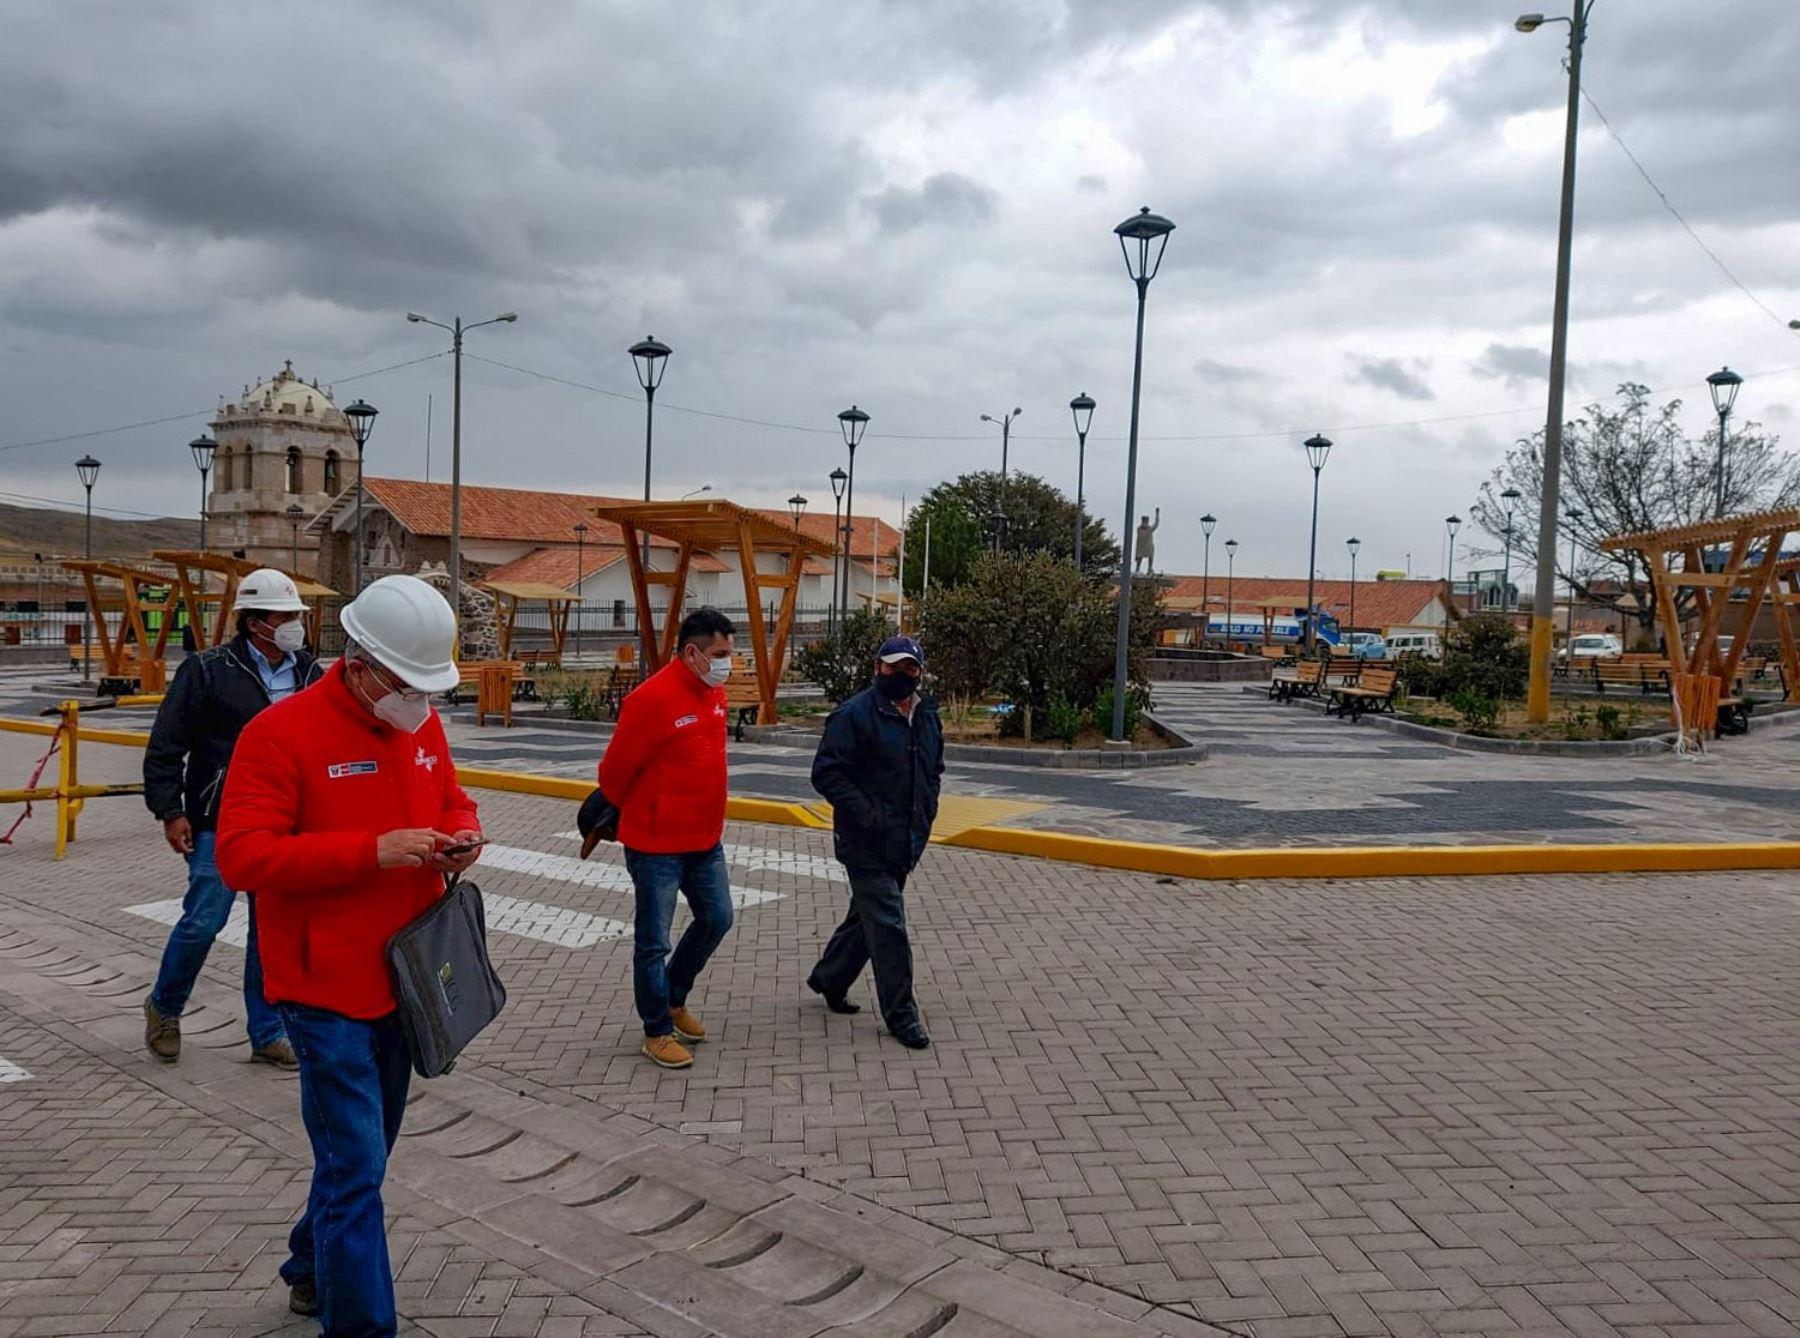 El Plan Copesco culminó las obras de infraestructura turística en Atuncolla, distrito donde se ubican el complejo arqueológico Sillustani y el templo colonial San Andrés. ANDINA/Difusión